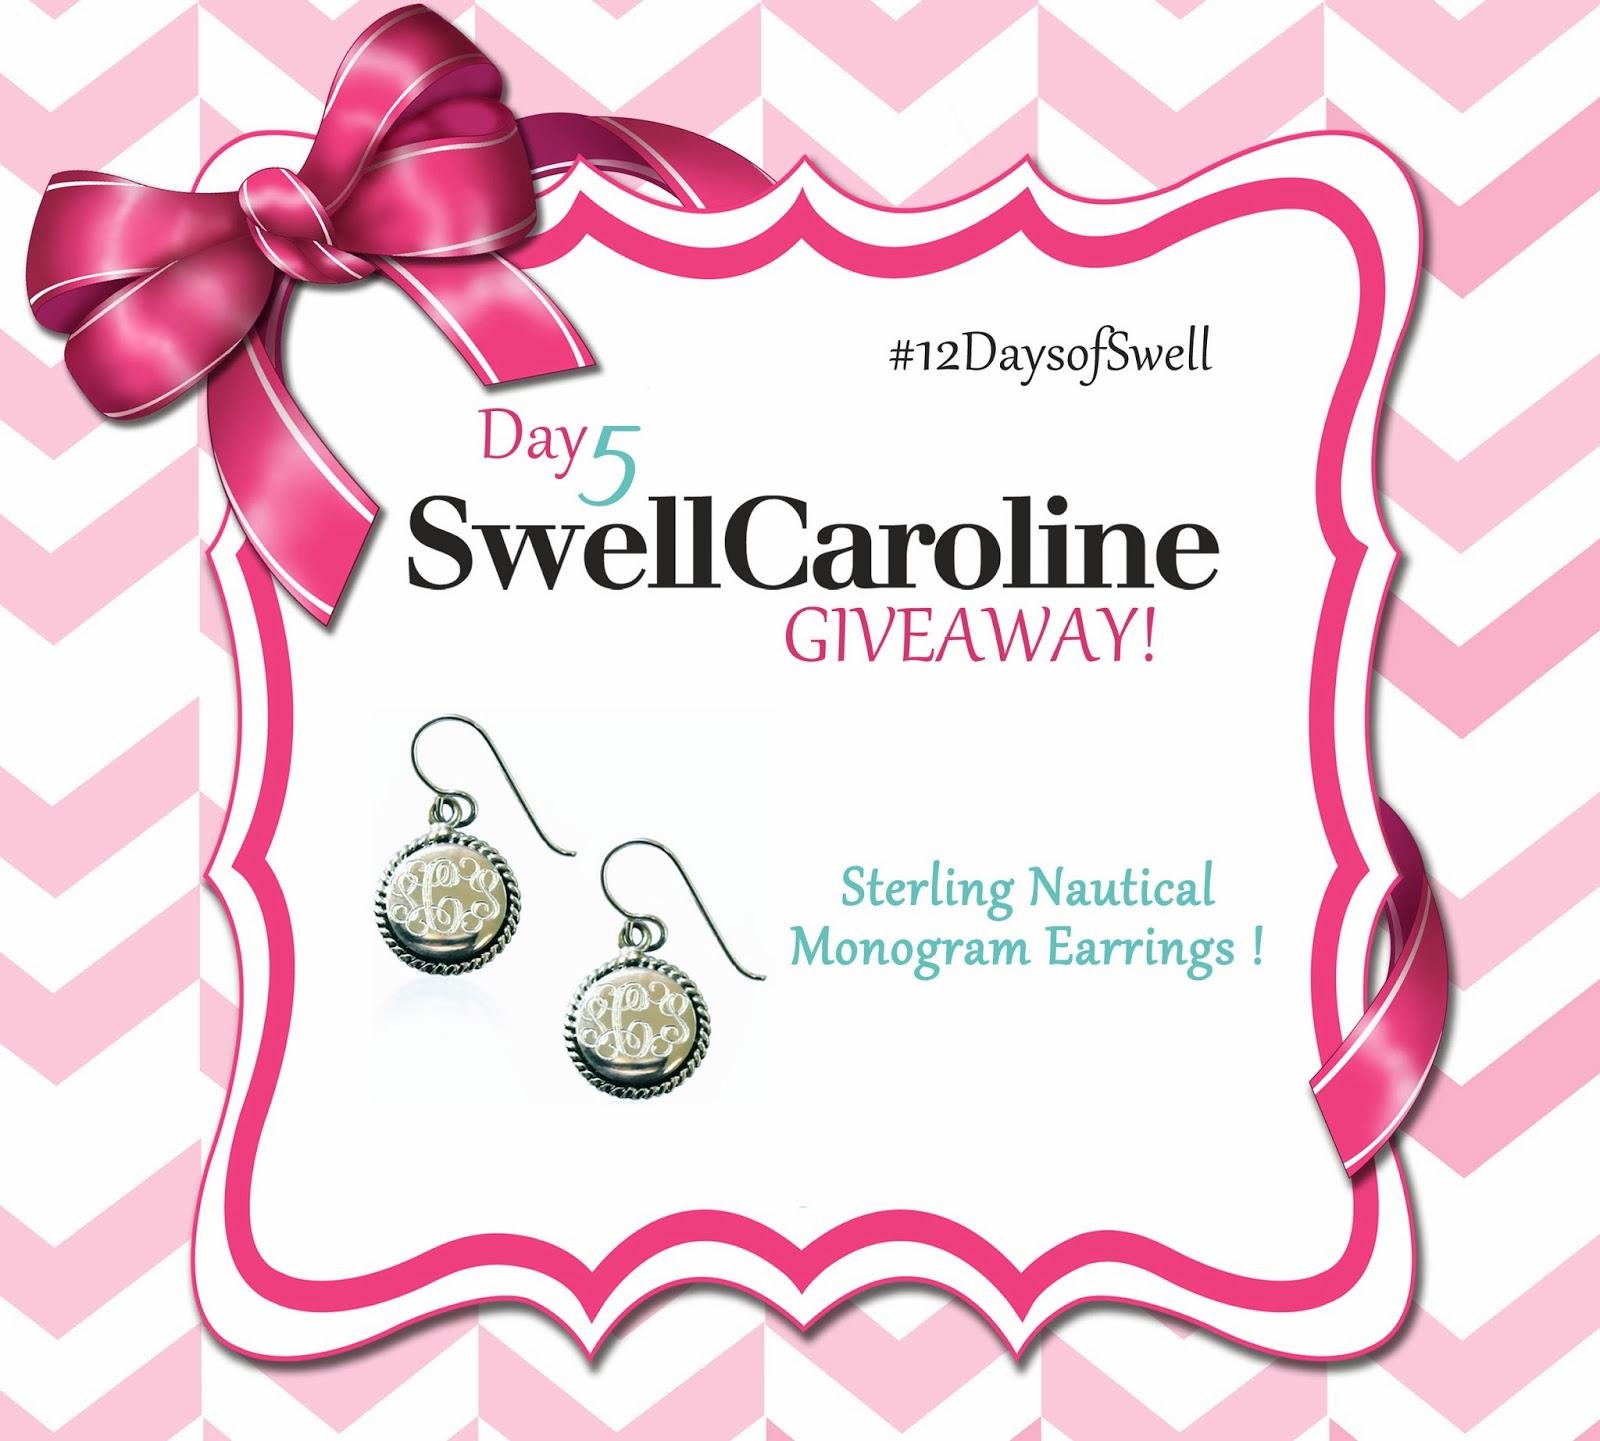 Sterling Nautical Earrings